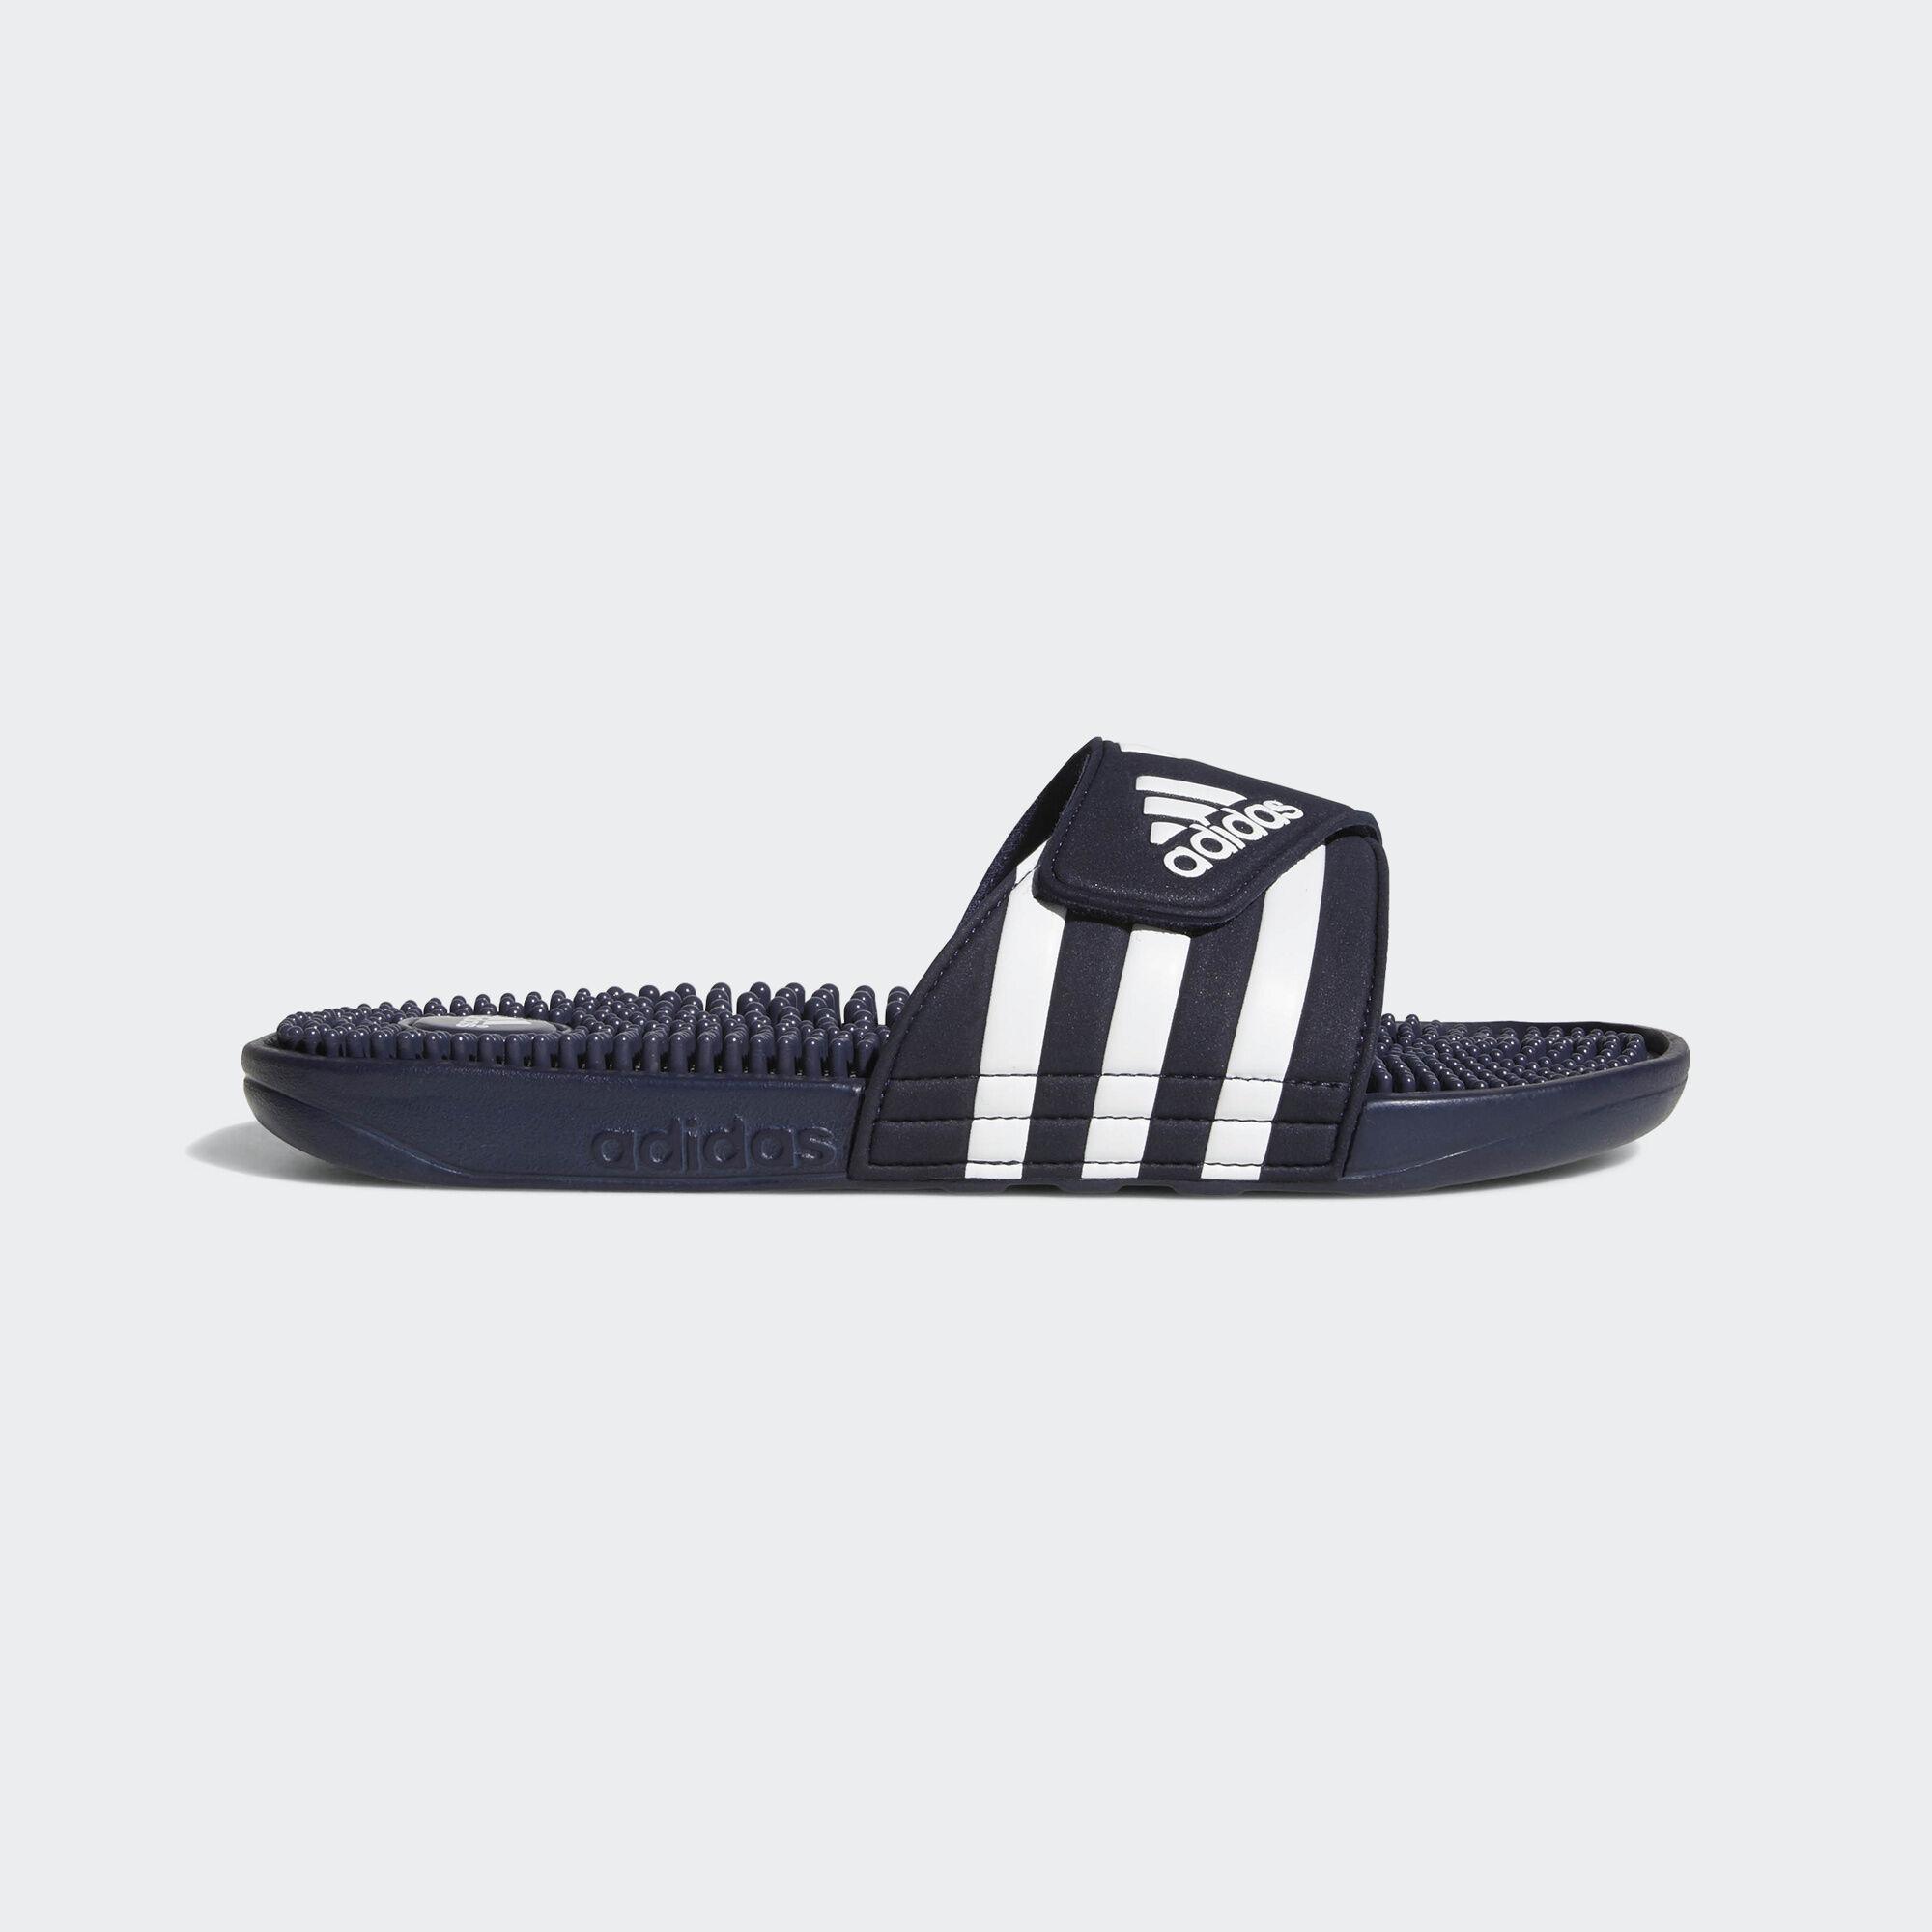 adidas acupressure sandals